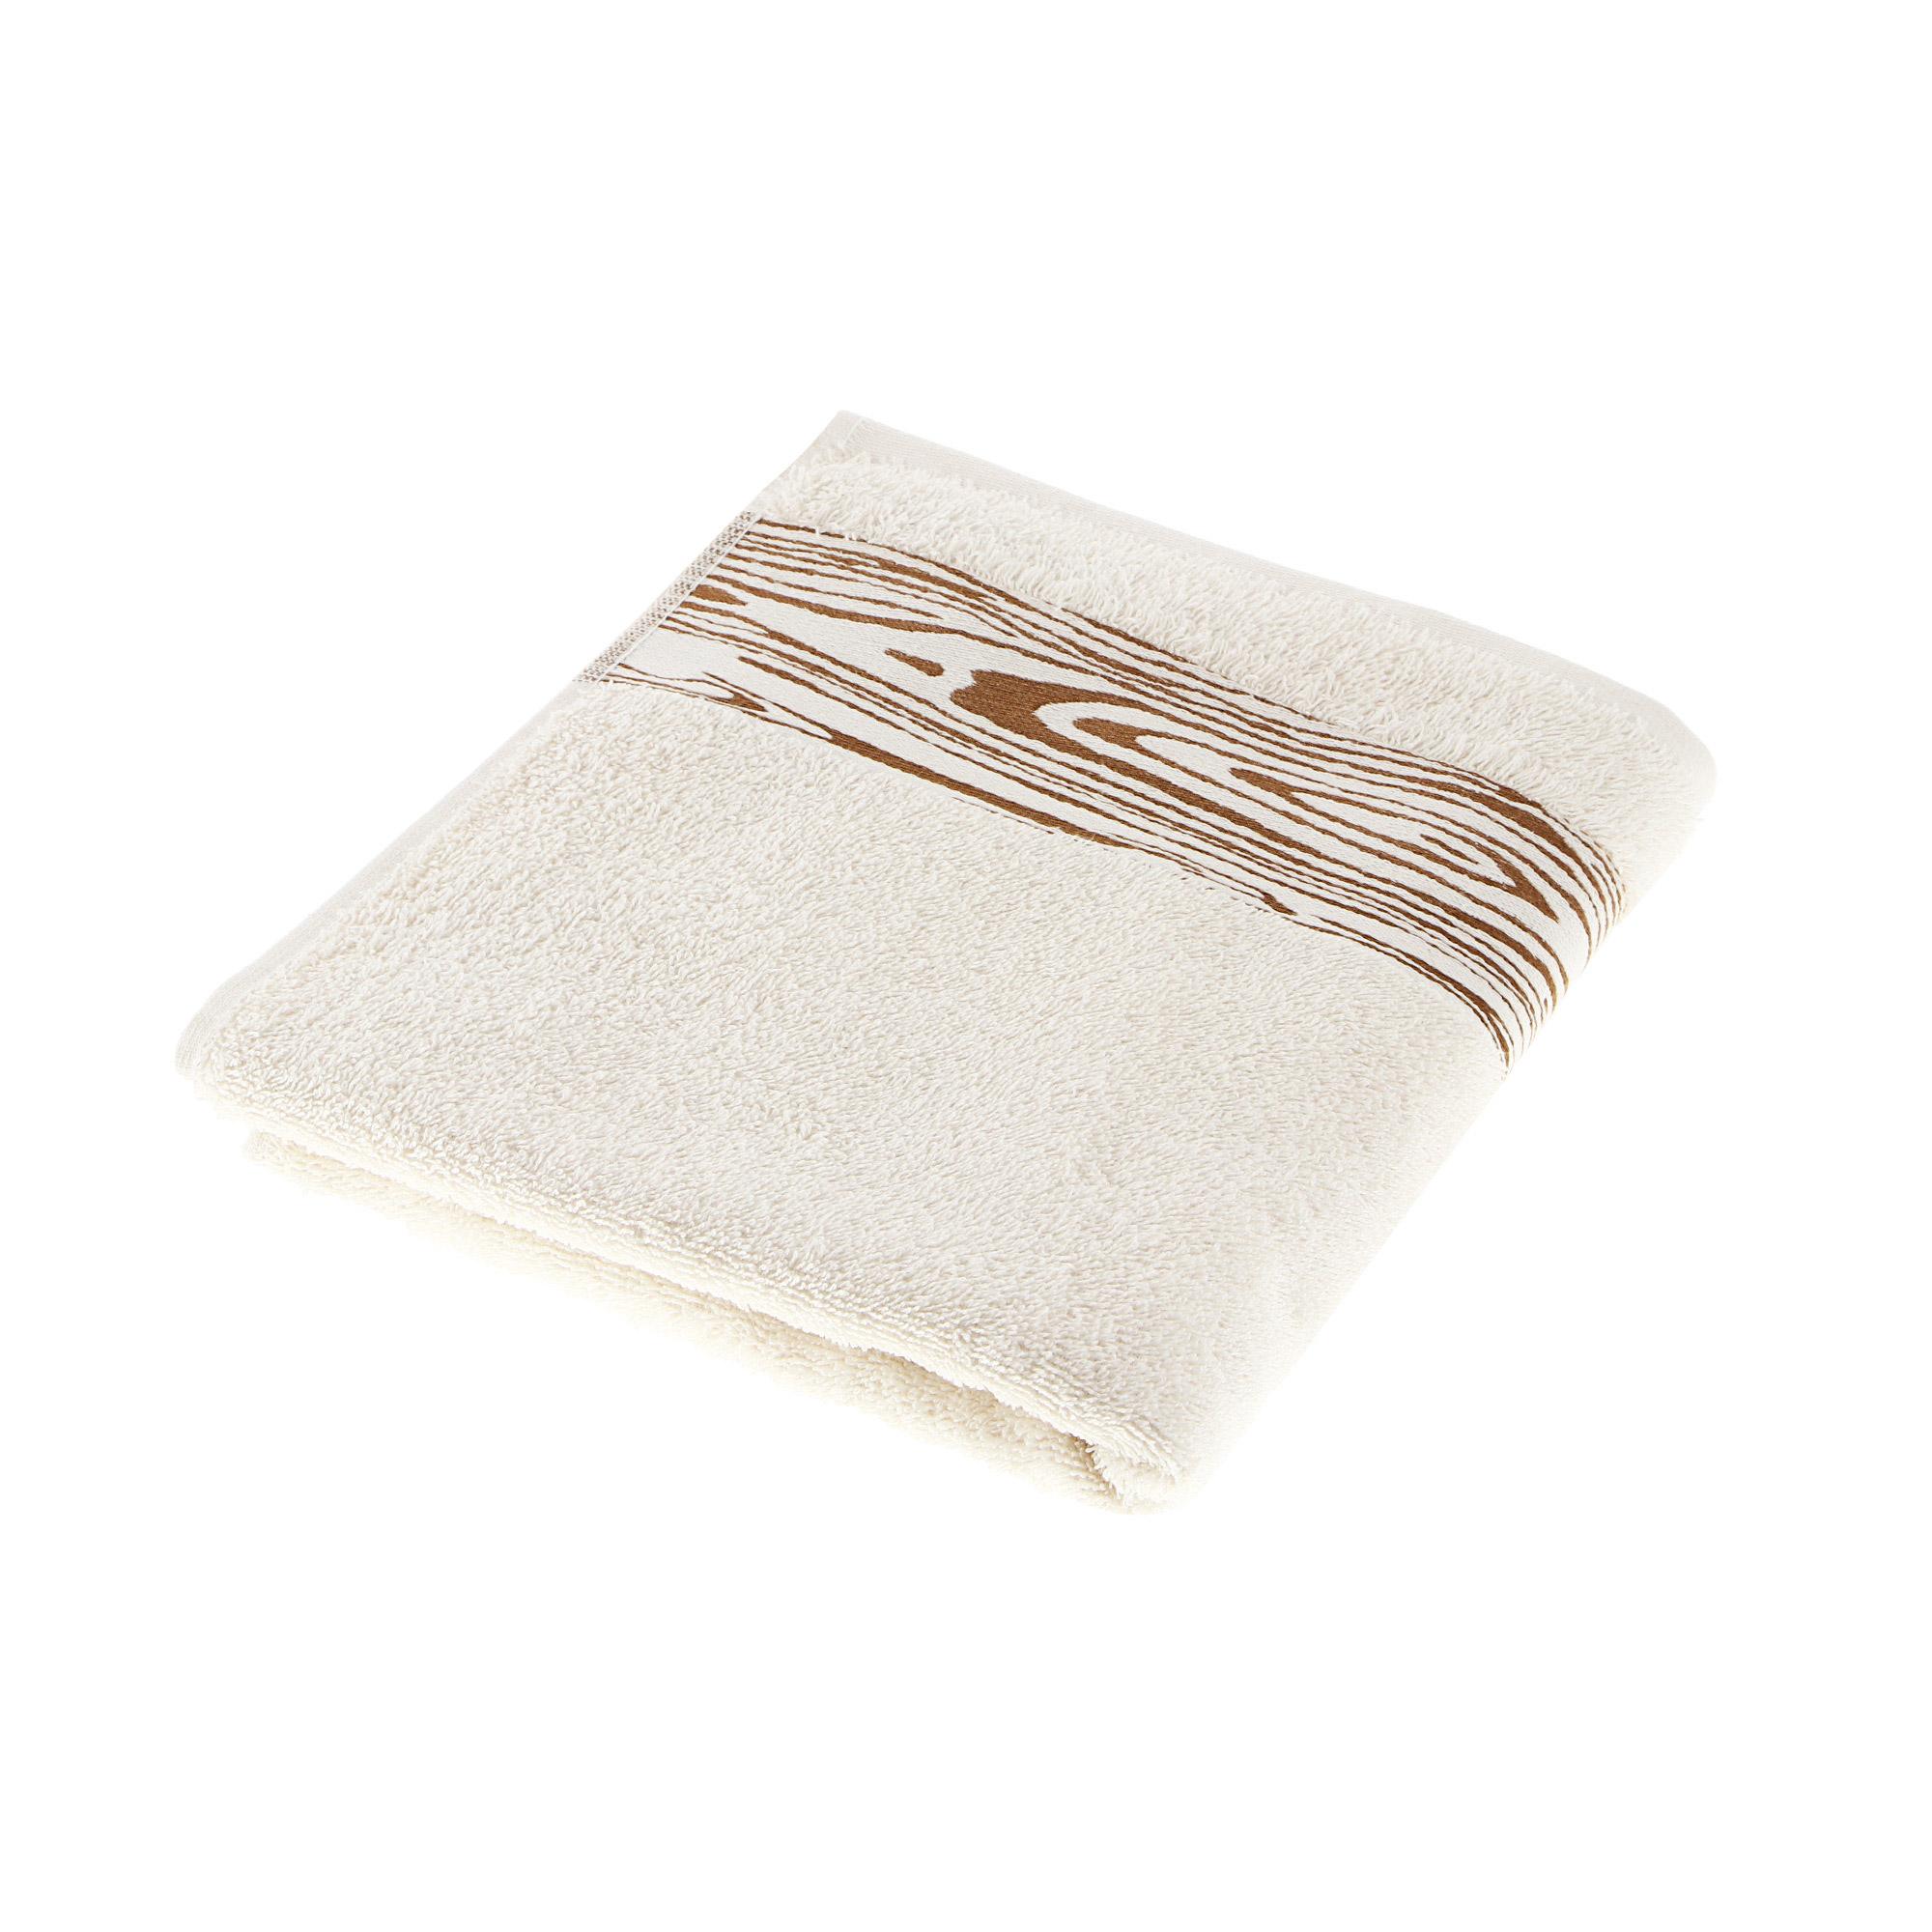 Полотенце махровое Asil wood 50x100 cream полотенце двухстороннее 50x100 asil powder